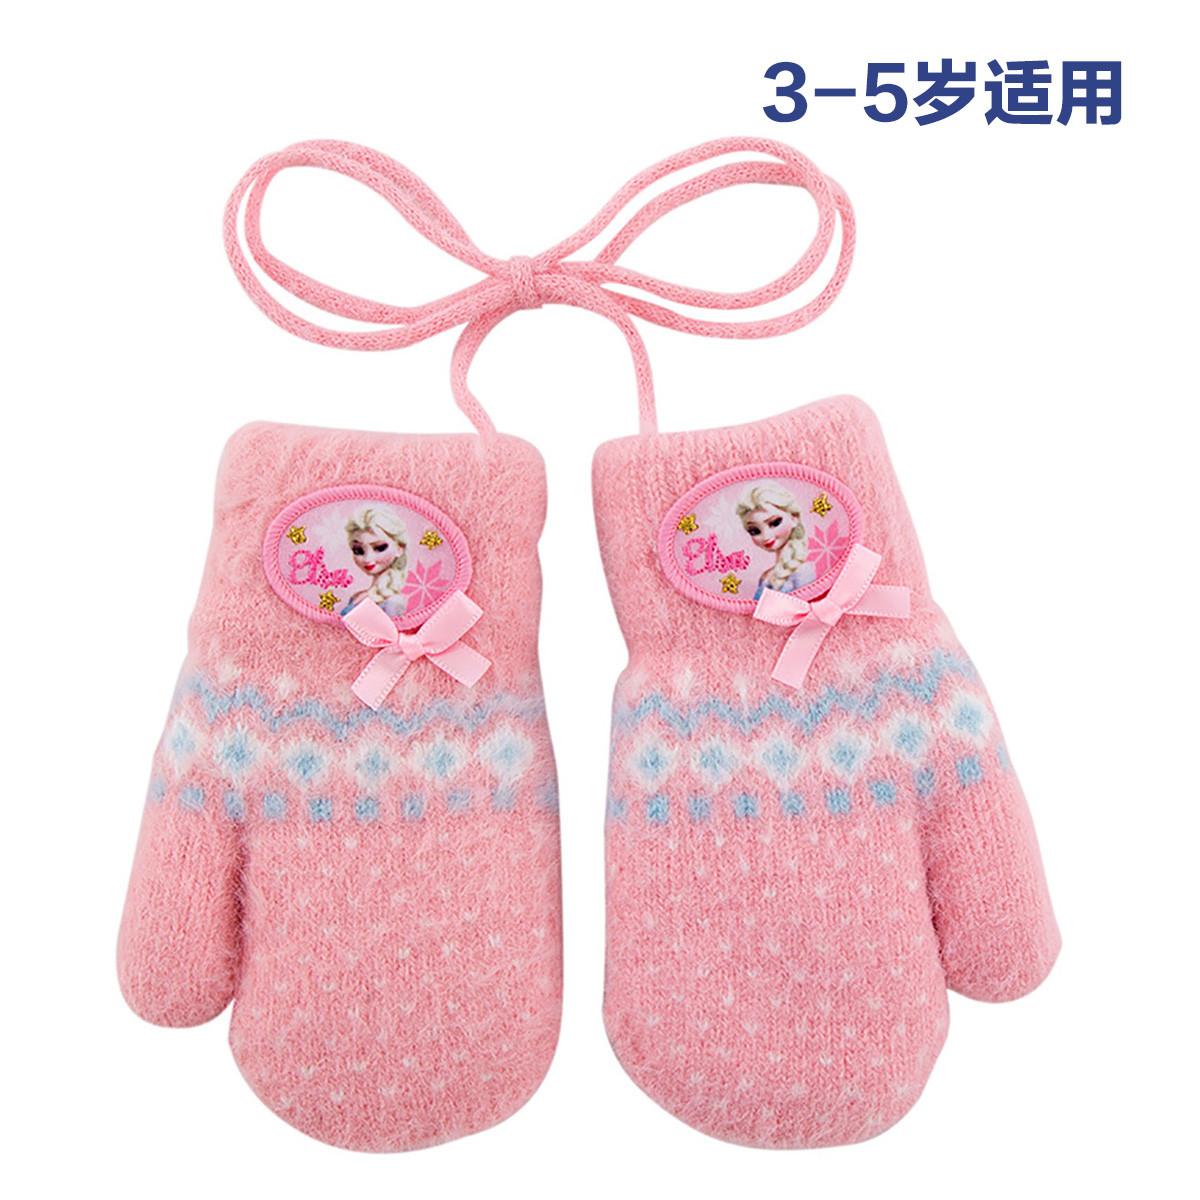 迪士尼儿童手套冬保暖加绒女童女孩卡通公主可爱小孩幼儿宝宝毛线WKH027